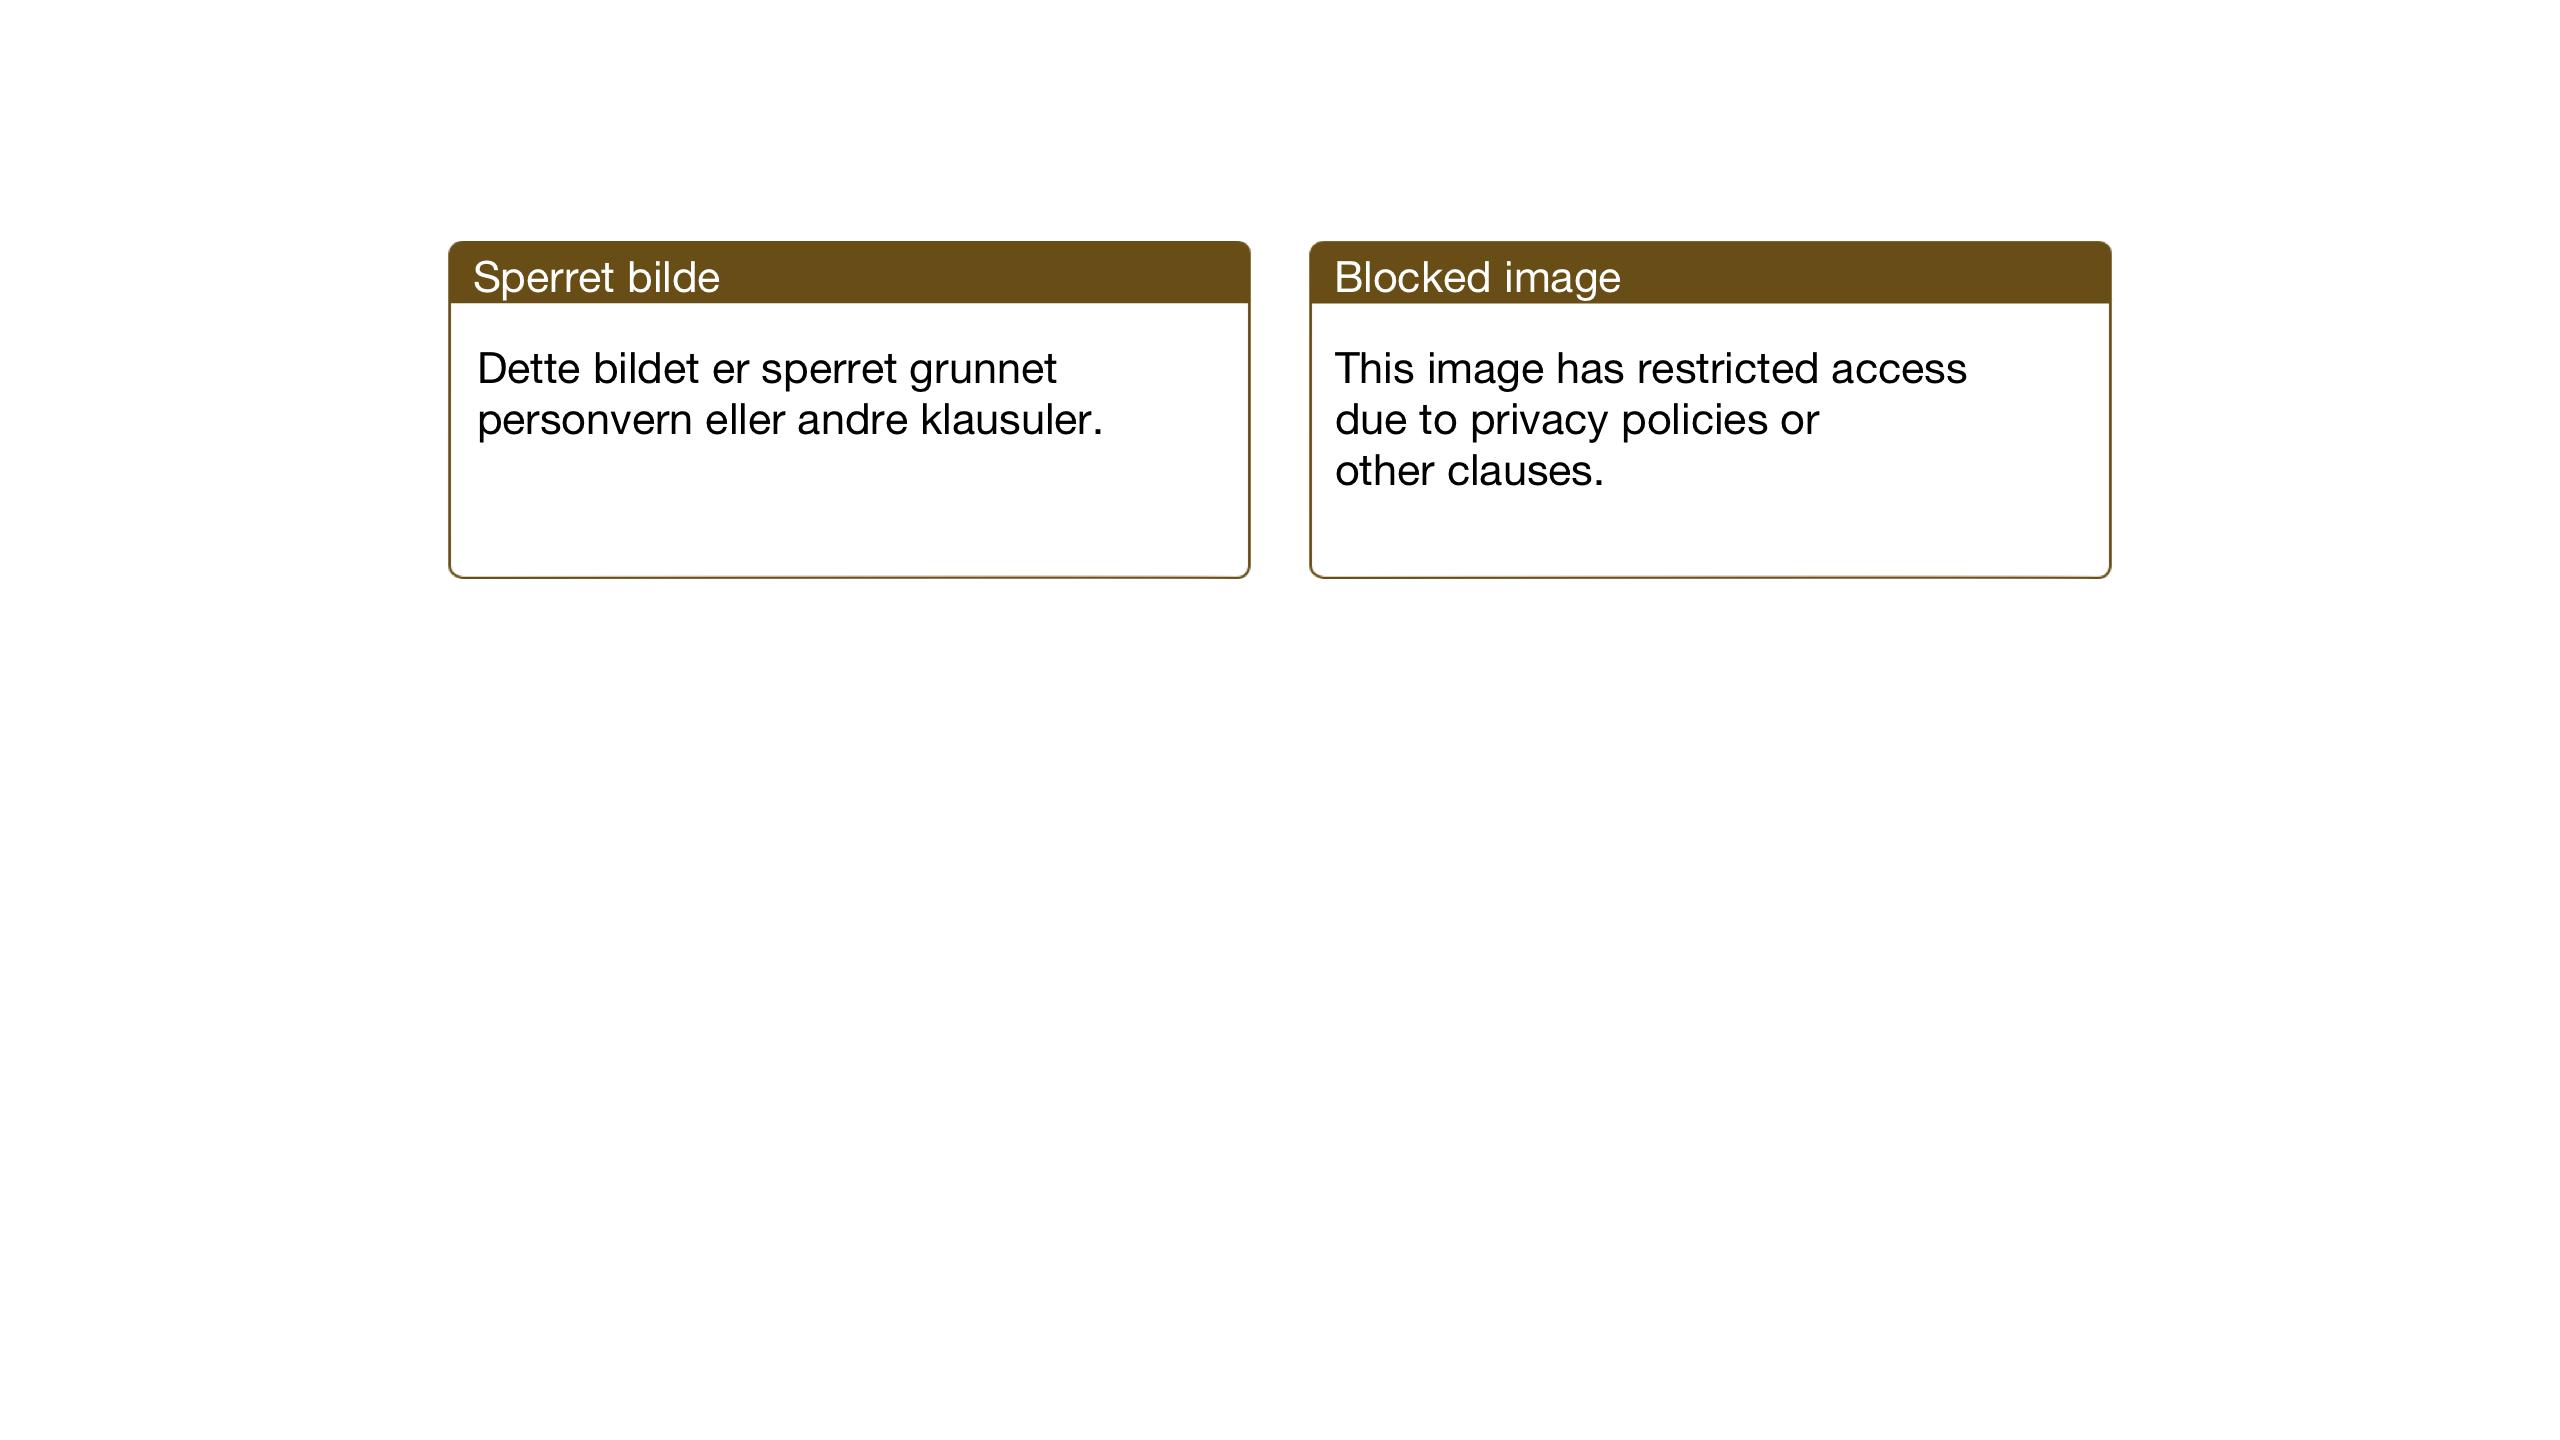 SAT, Ministerialprotokoller, klokkerbøker og fødselsregistre - Nord-Trøndelag, 714/L0136: Klokkerbok nr. 714C05, 1918-1957, s. 214